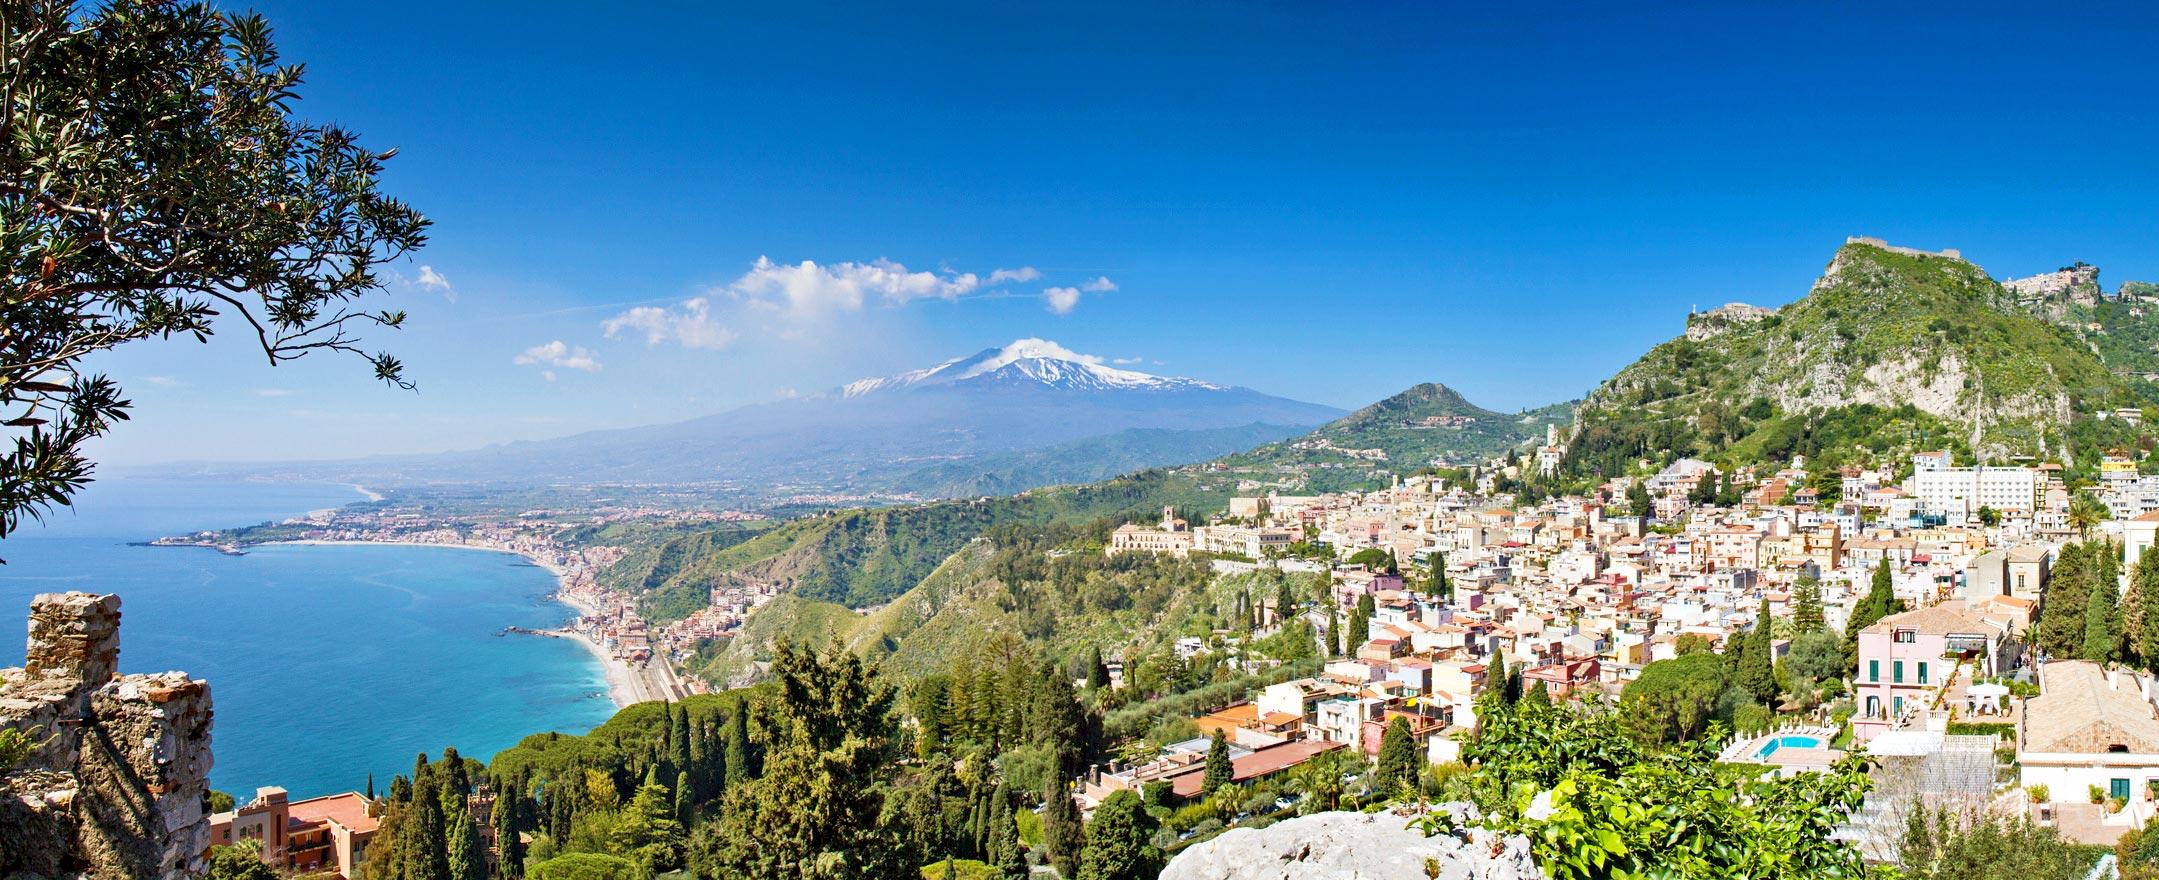 Ferienwohnung Sizilien Taormina ferienhäuser ferienwohnungen sizilien privat mieten